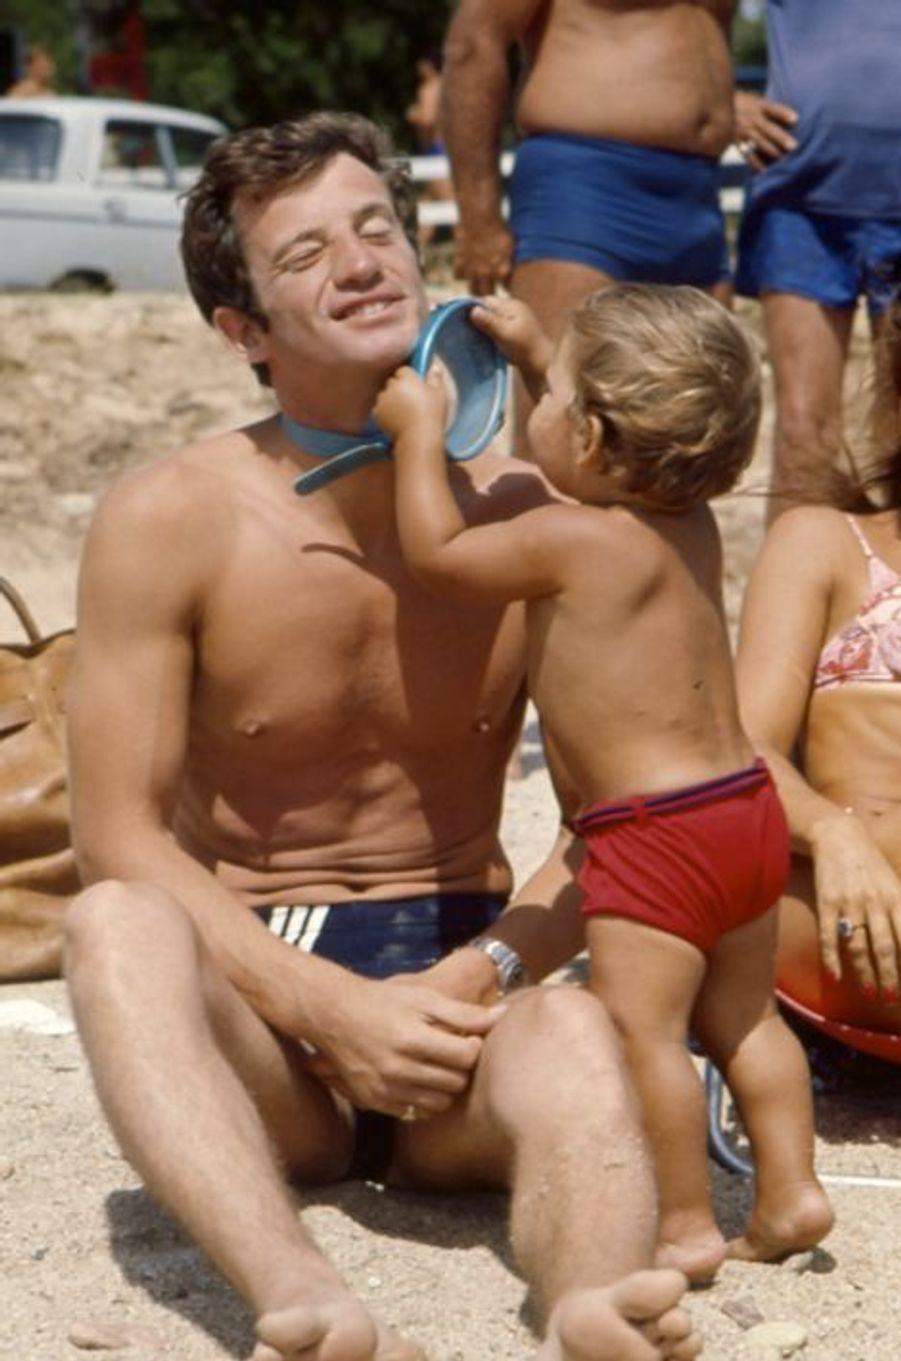 Été 1964, Jean Paul Belmondo en vacances en famille à Beauvallon près de Saint-Tropez. Des vacances bien méritées car l'année 1964 a été pour Jean-Paul un festival de grands rôles qui ont fait de lui une grande star adorée des Français, avec entre autre «L'Homme de Rio», «Week-end à Zuydcoote», et «Cent-mille dollars au soleil». On le voit ici entrain de jouer sur la plage avec son fils Paul.